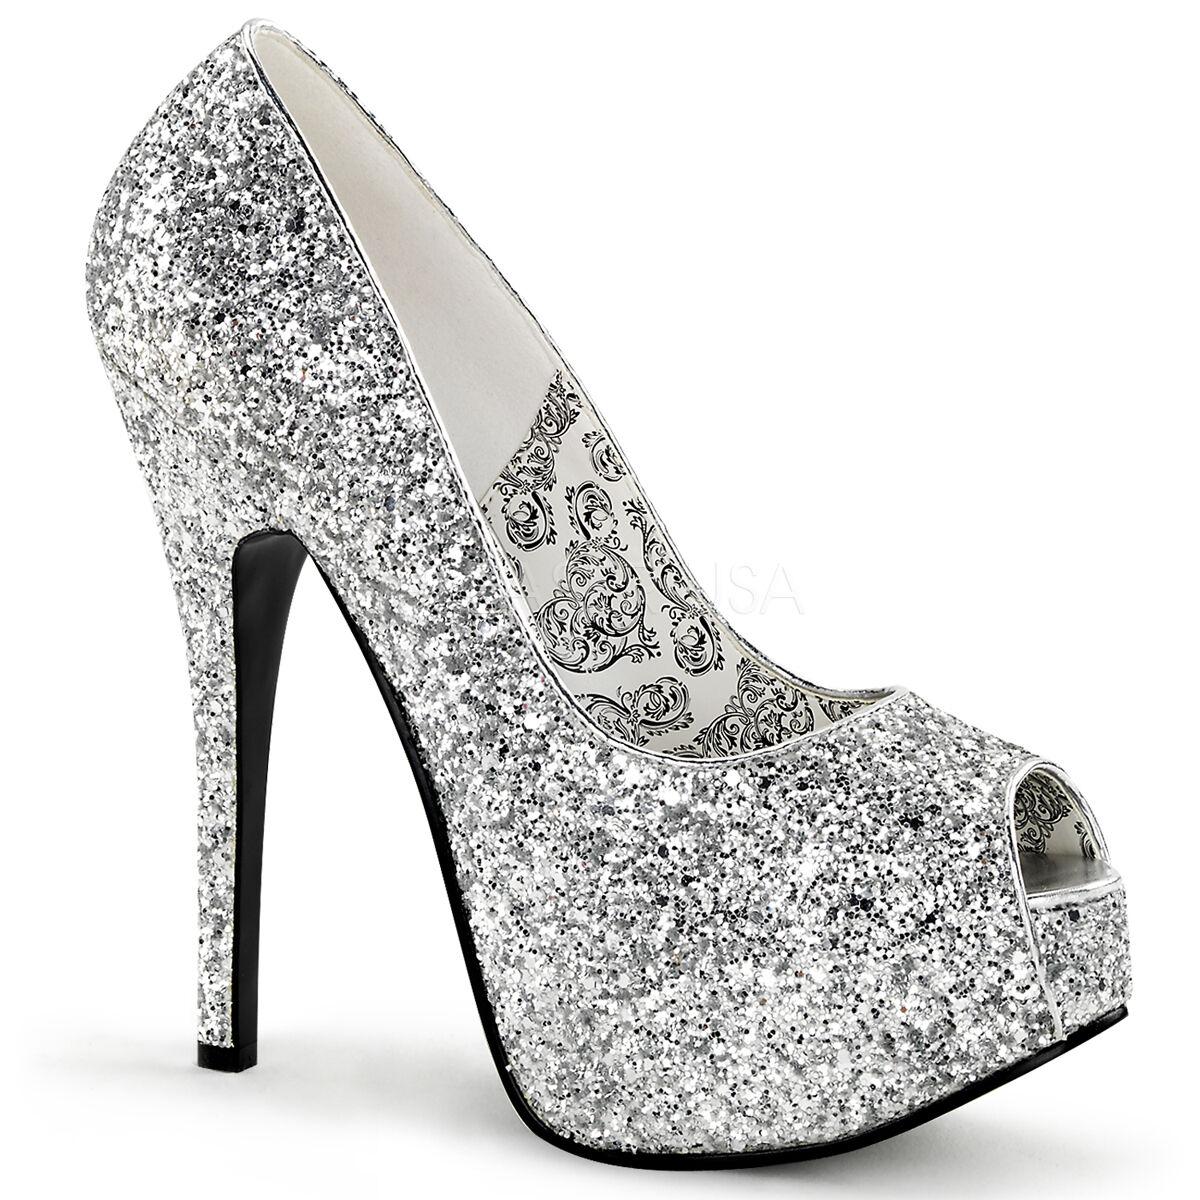 SALE Sexy Silver Glitter Hidden Platform Peep Toe High Heel Pump shoes  7